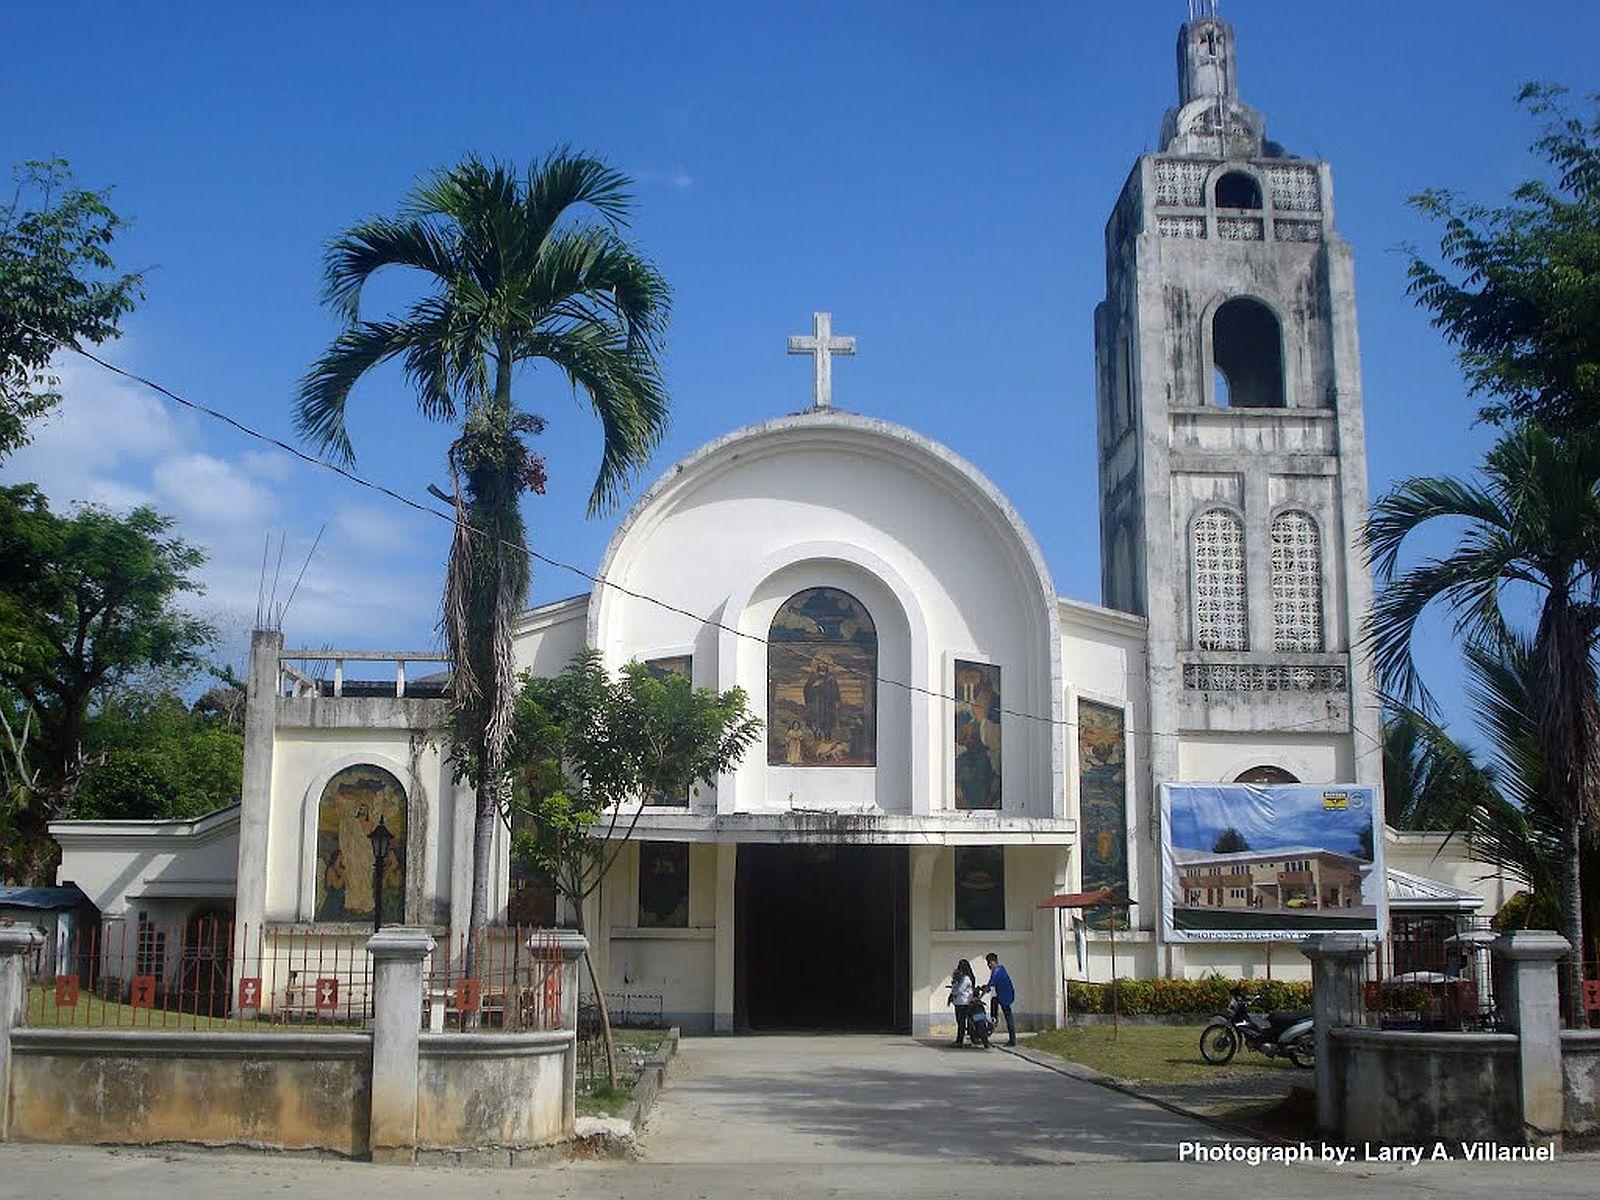 PHILIPPINEN REISEN - ORTE - LEYTE- LEYTE - Touristische Ortsbeschreibung für Inopakan